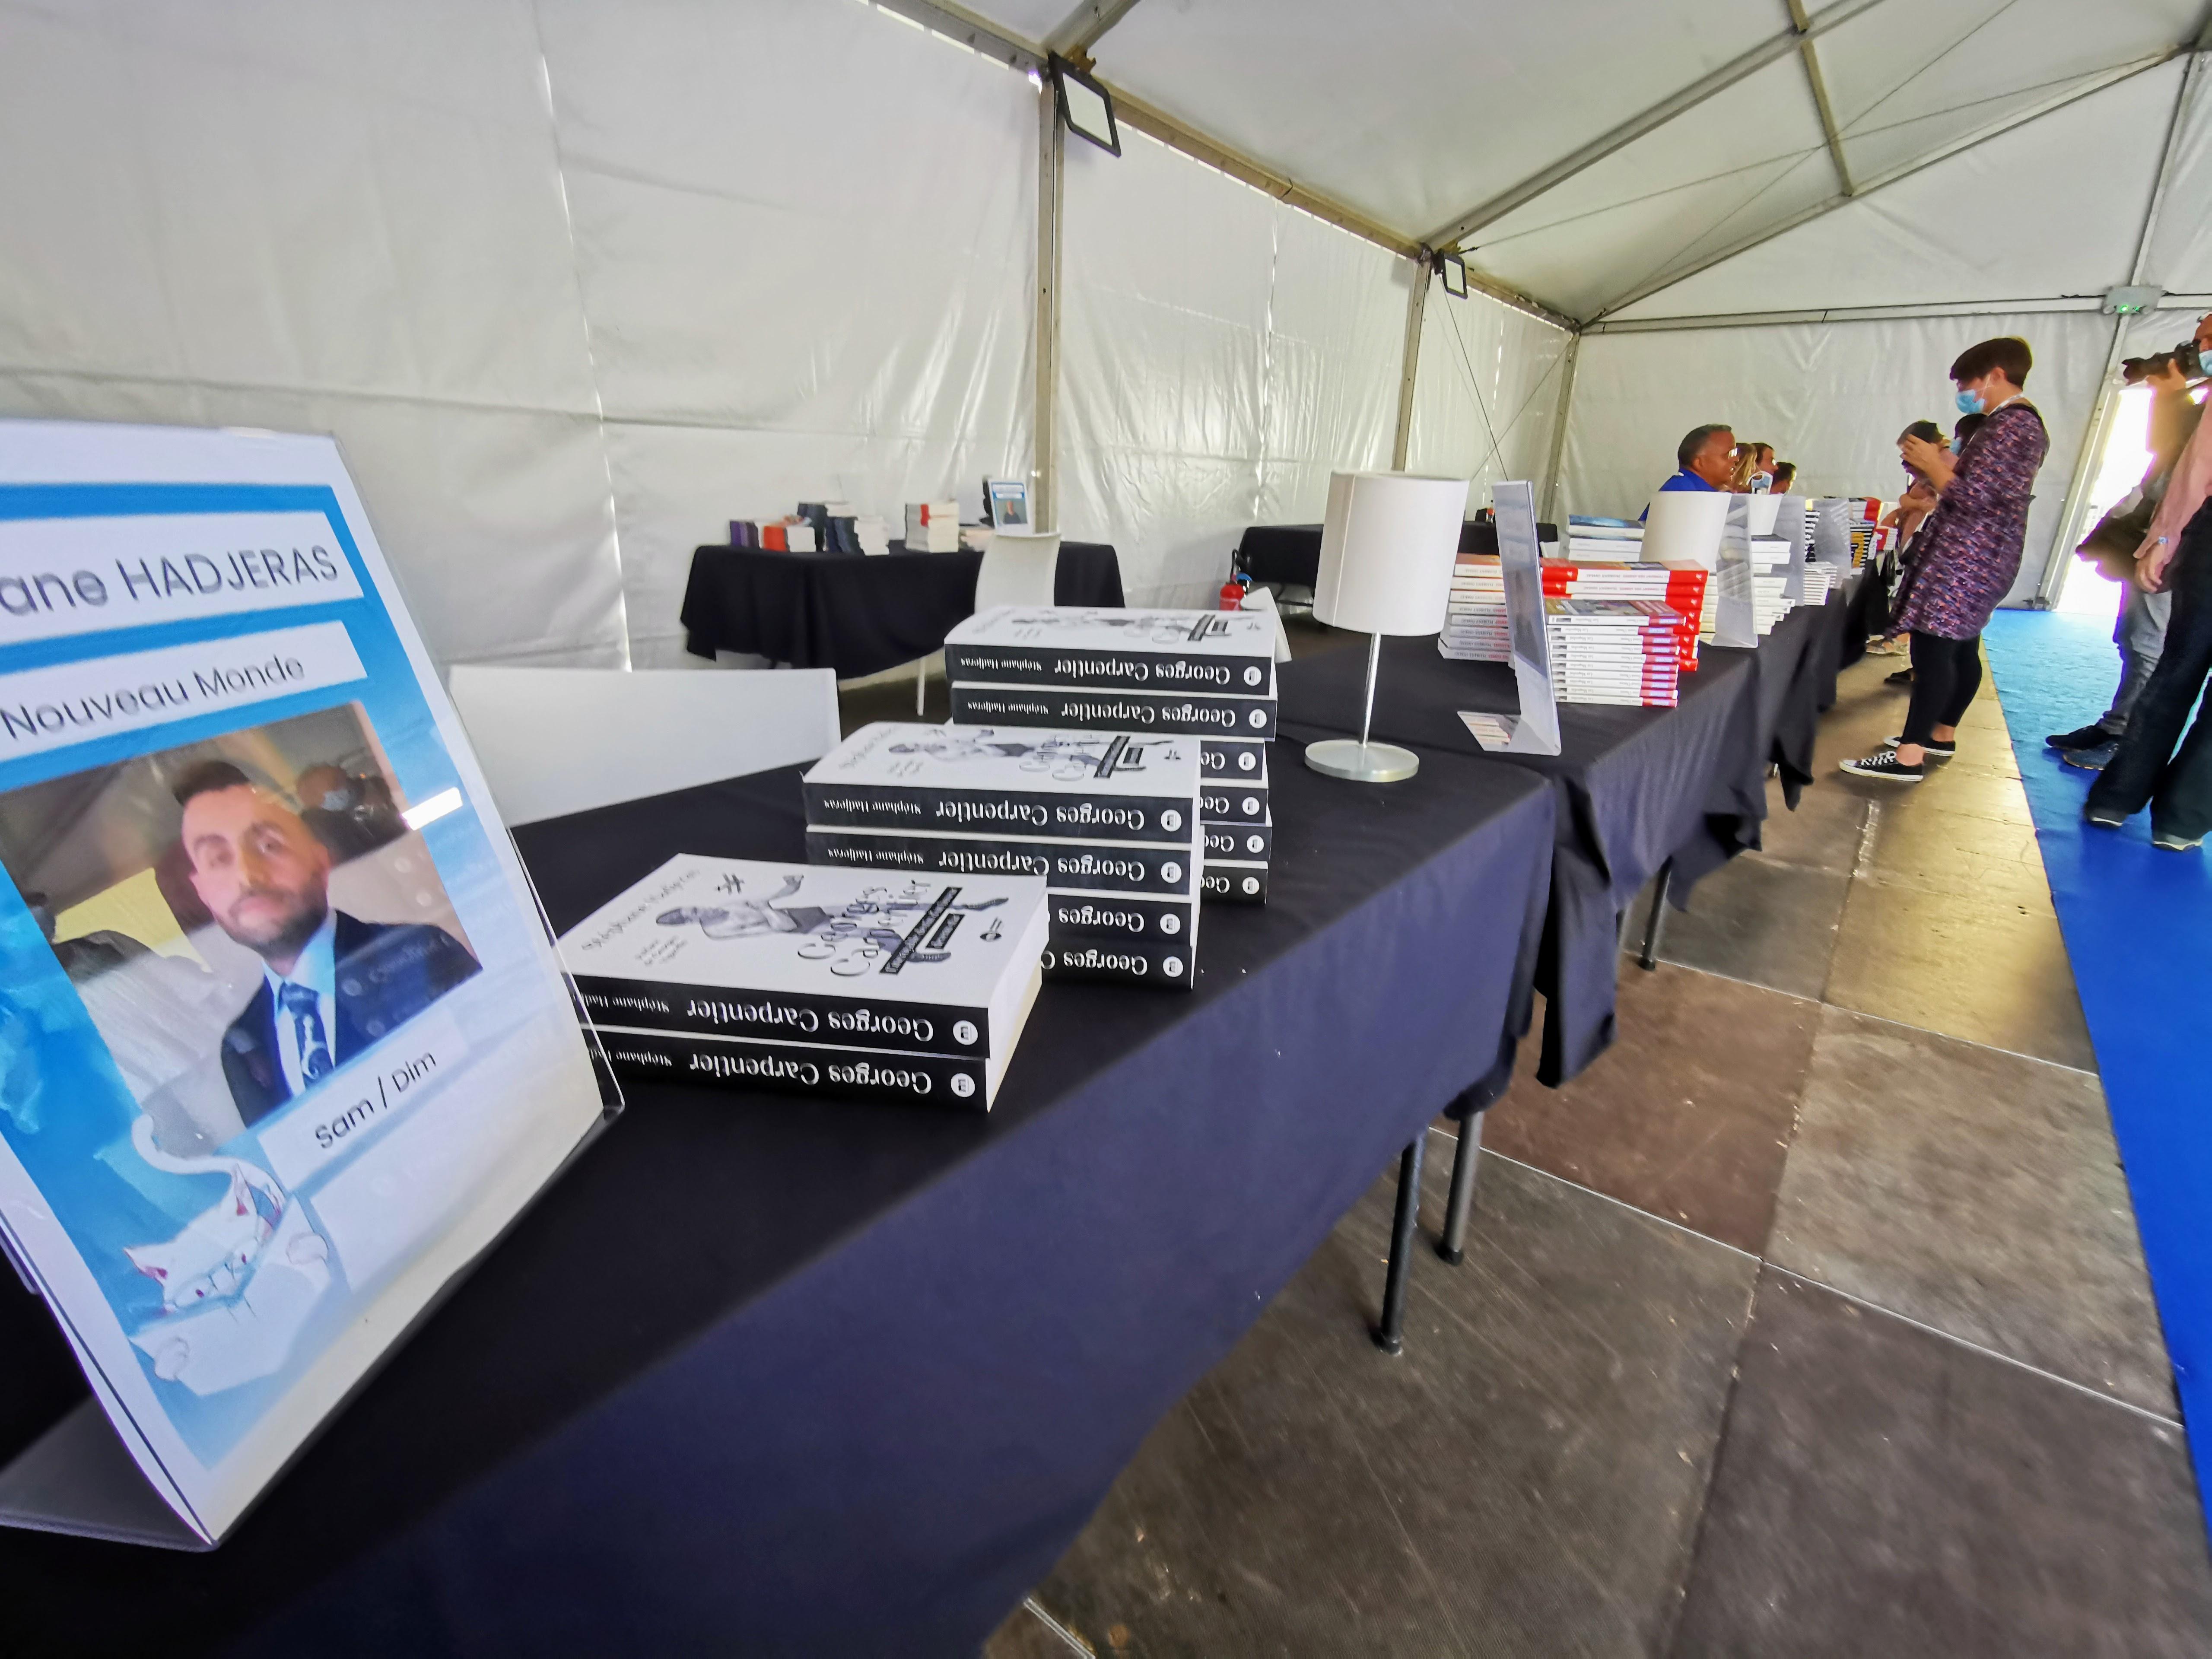 LIVRES DANS LA BOUCLE 2021 : SMCI EDITEUR IMMOBILIER DE NOUVEAU PARTENAIRE